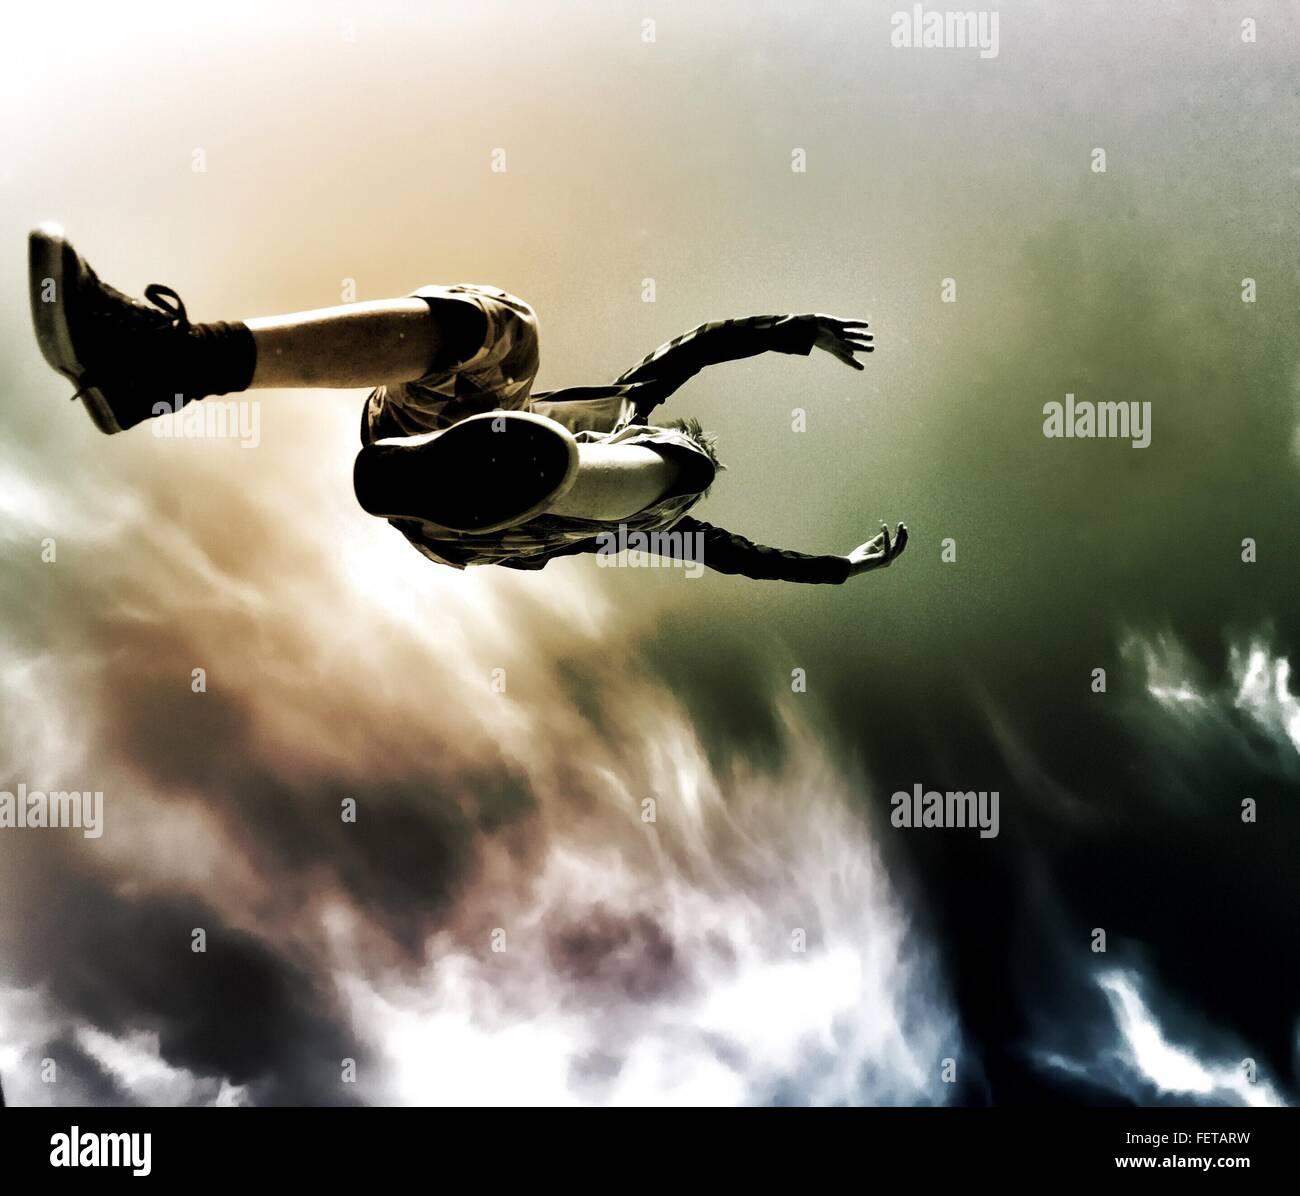 Directement au-dessous de la photo de garçon sautant contre Ciel nuageux Photo Stock